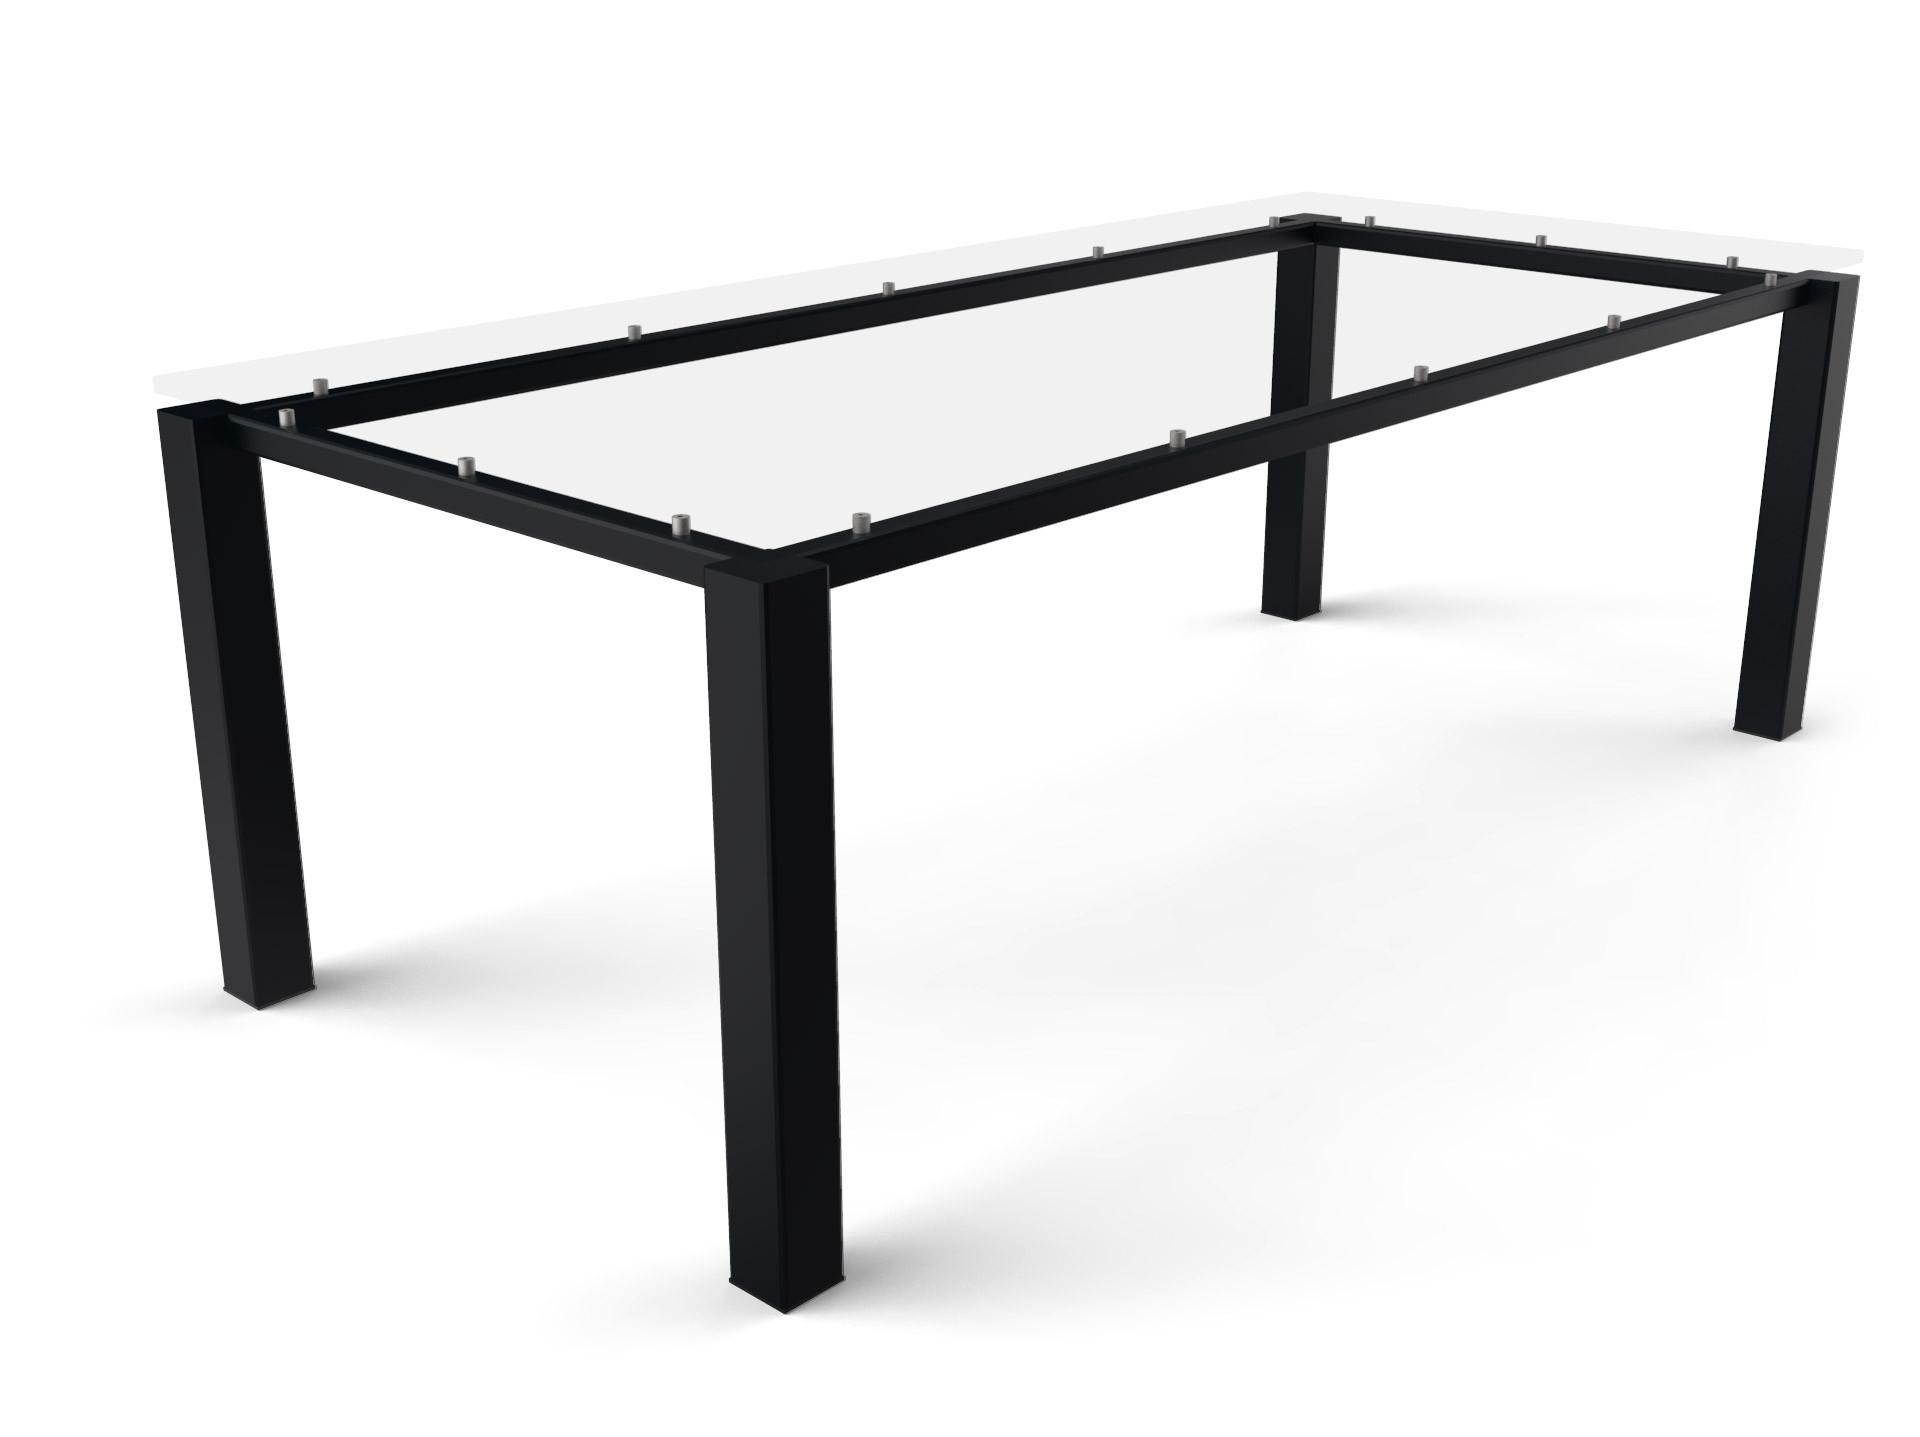 Tischgestell Schwebend-80